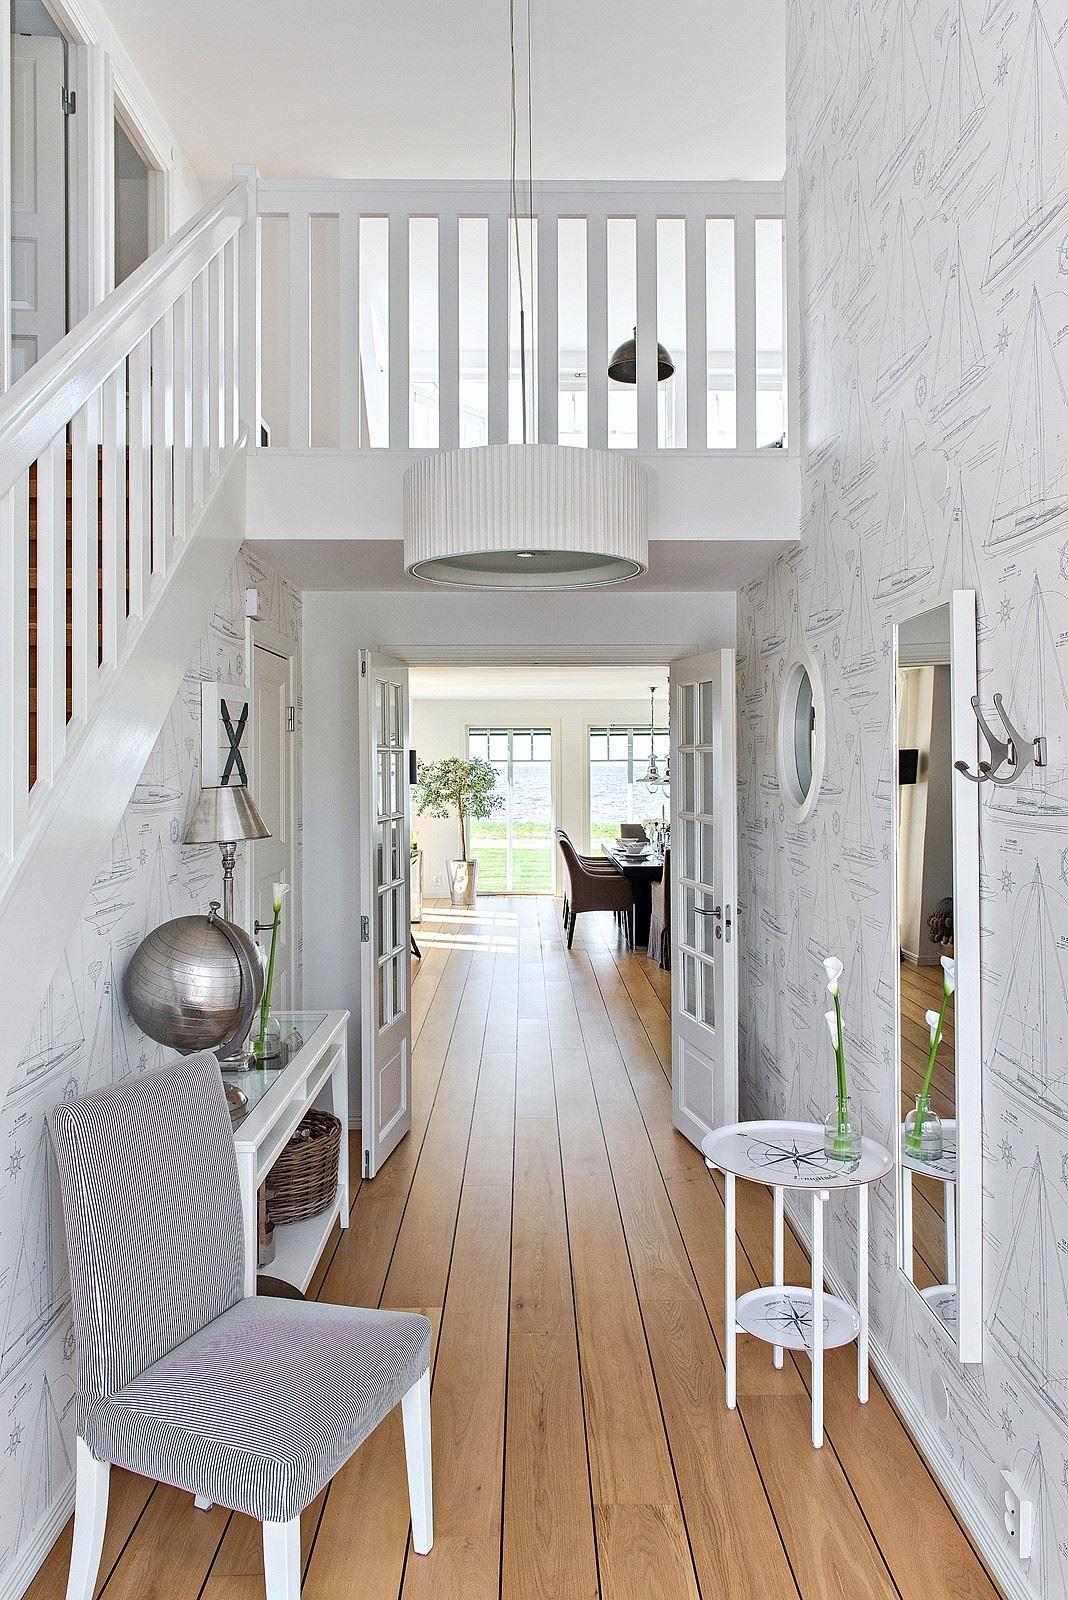 Interiors 185 nicety